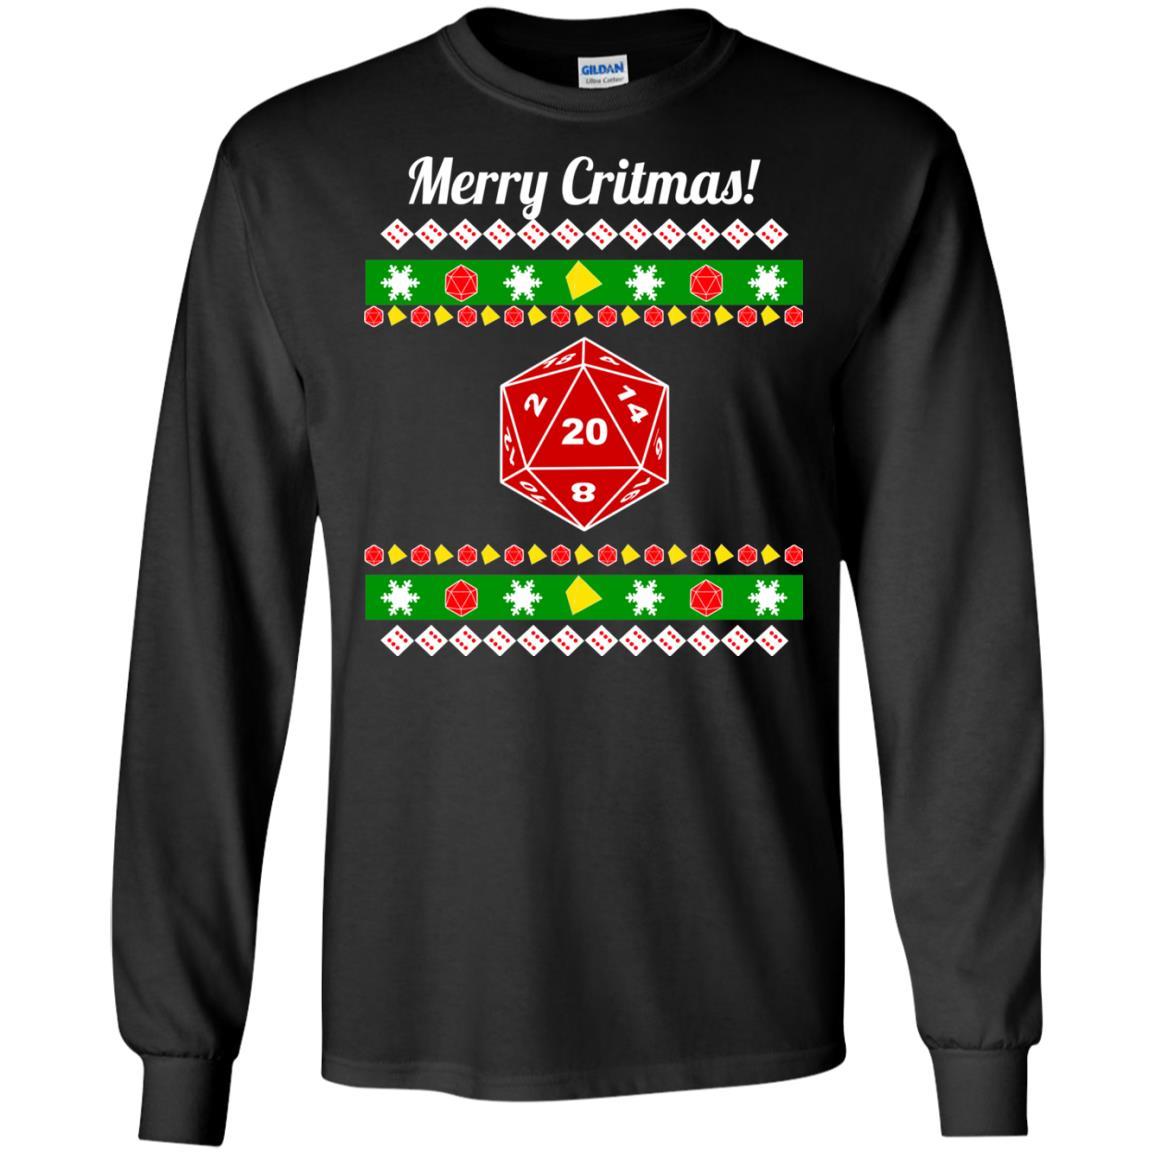 image 2203 - Merry Critmas Christmas ugly Sweatshirts, Long Sleeve